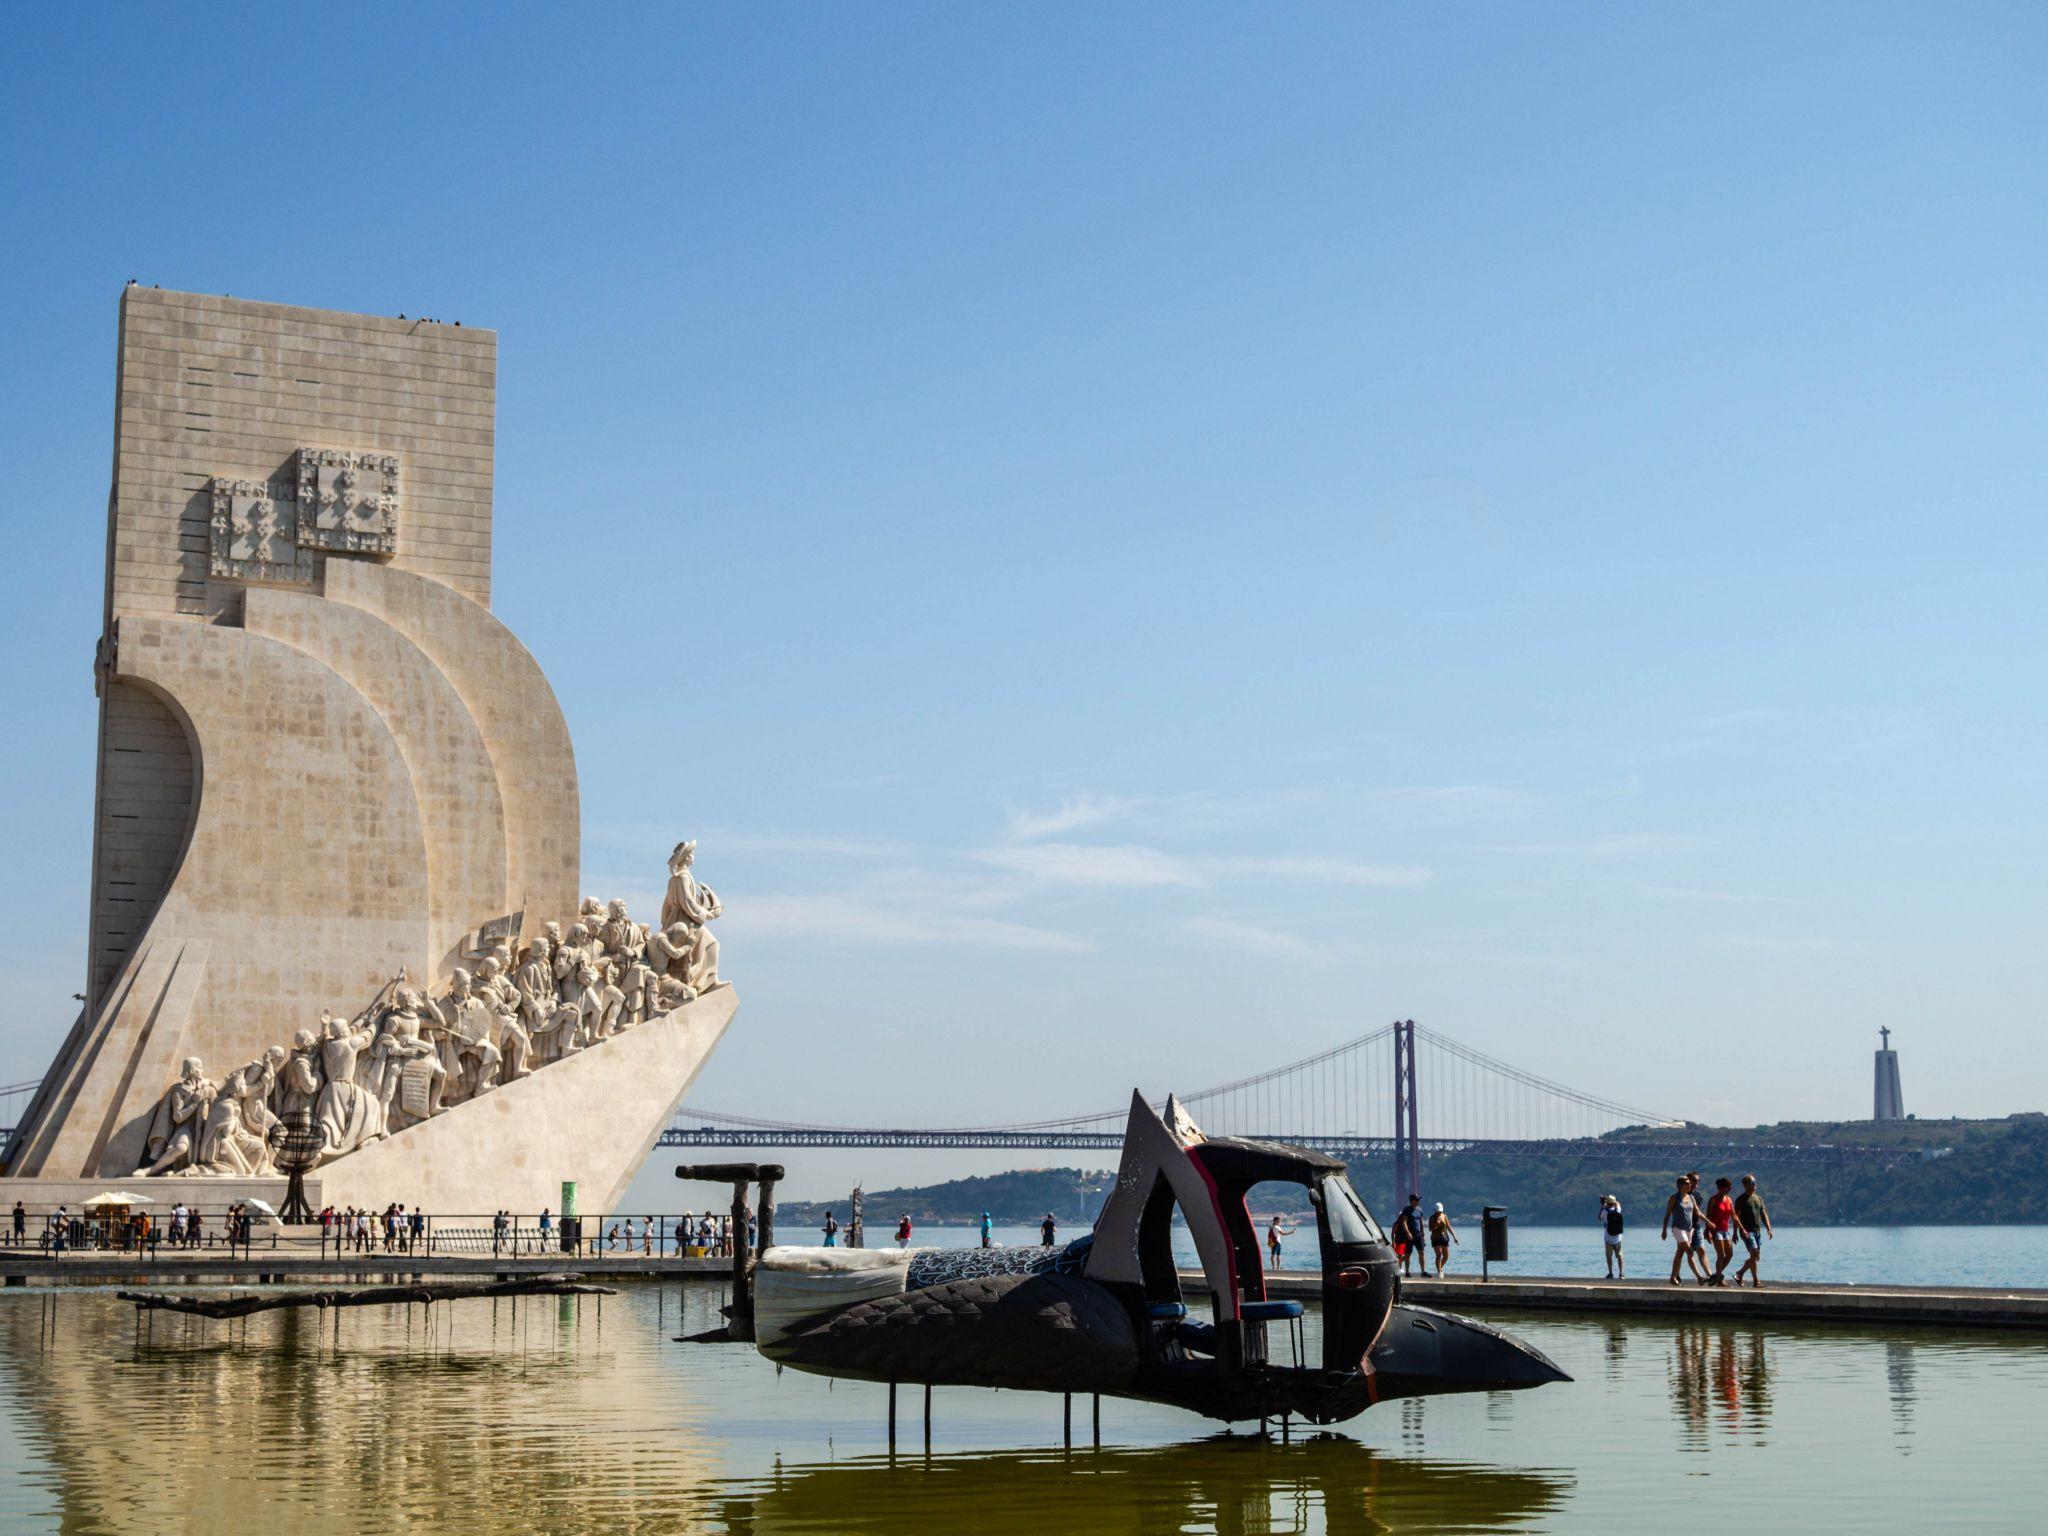 Padrao dos Descobrimentos, Portugal